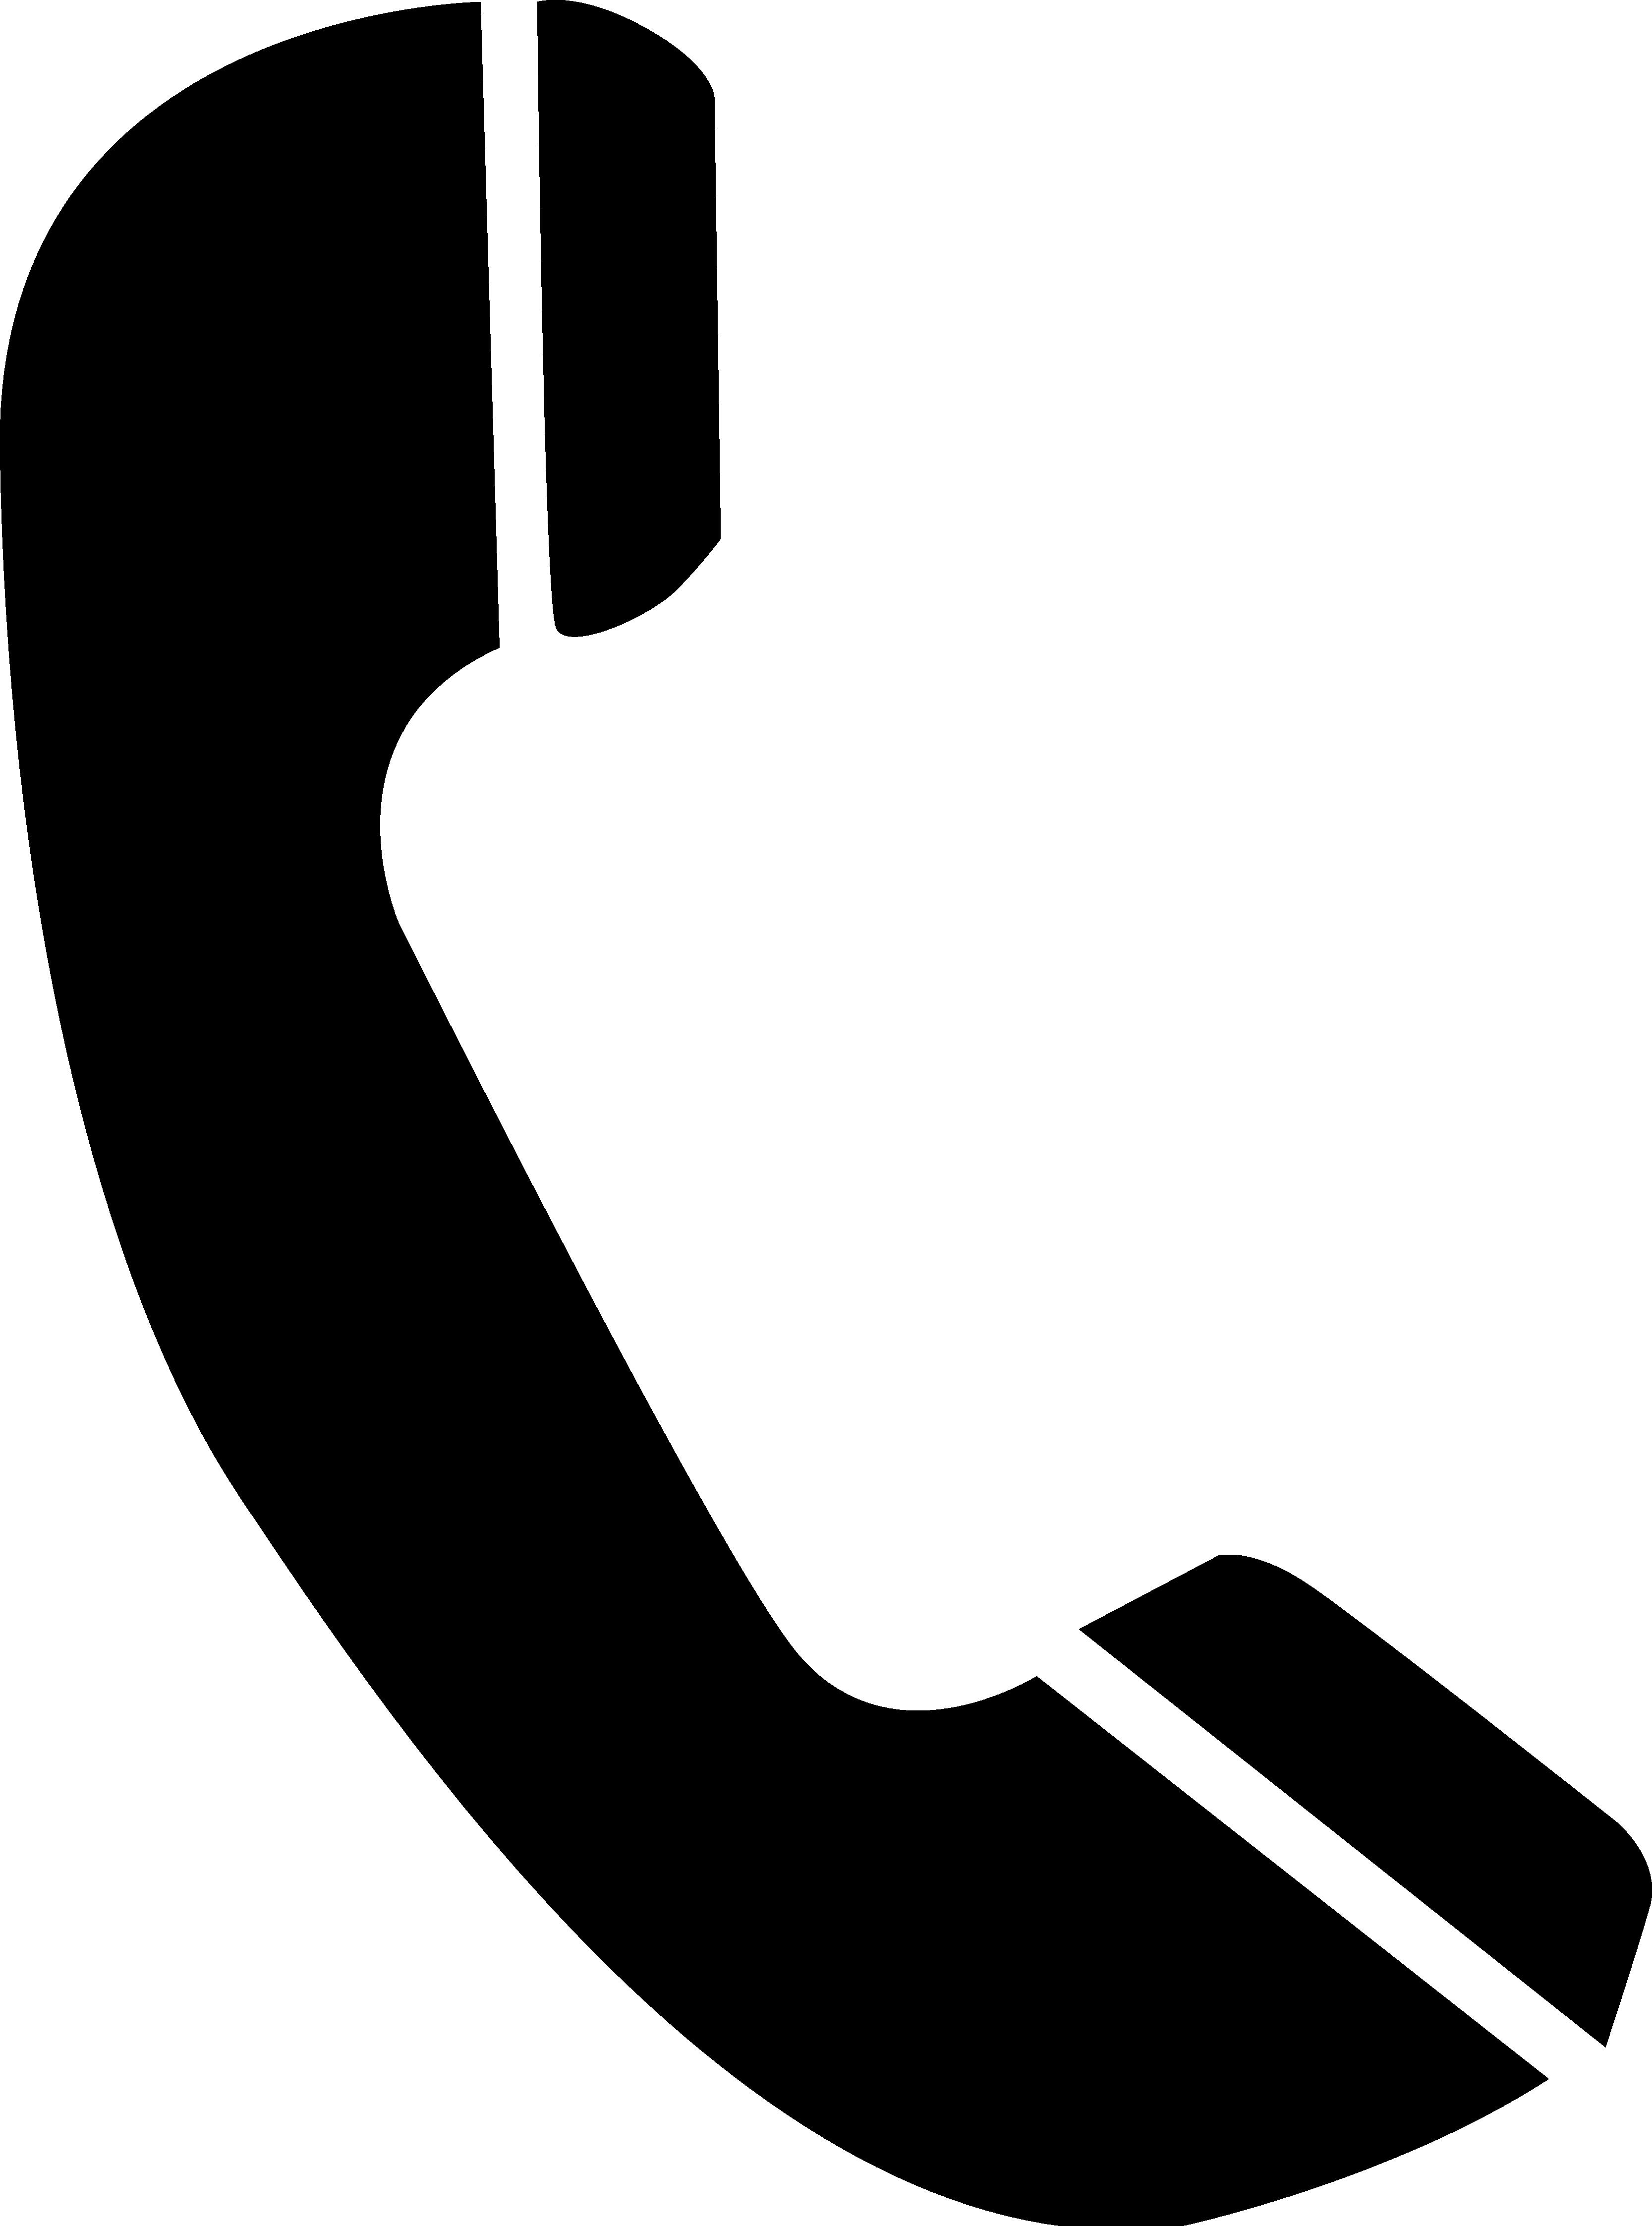 Hasil gambar untuk phone icon transparent